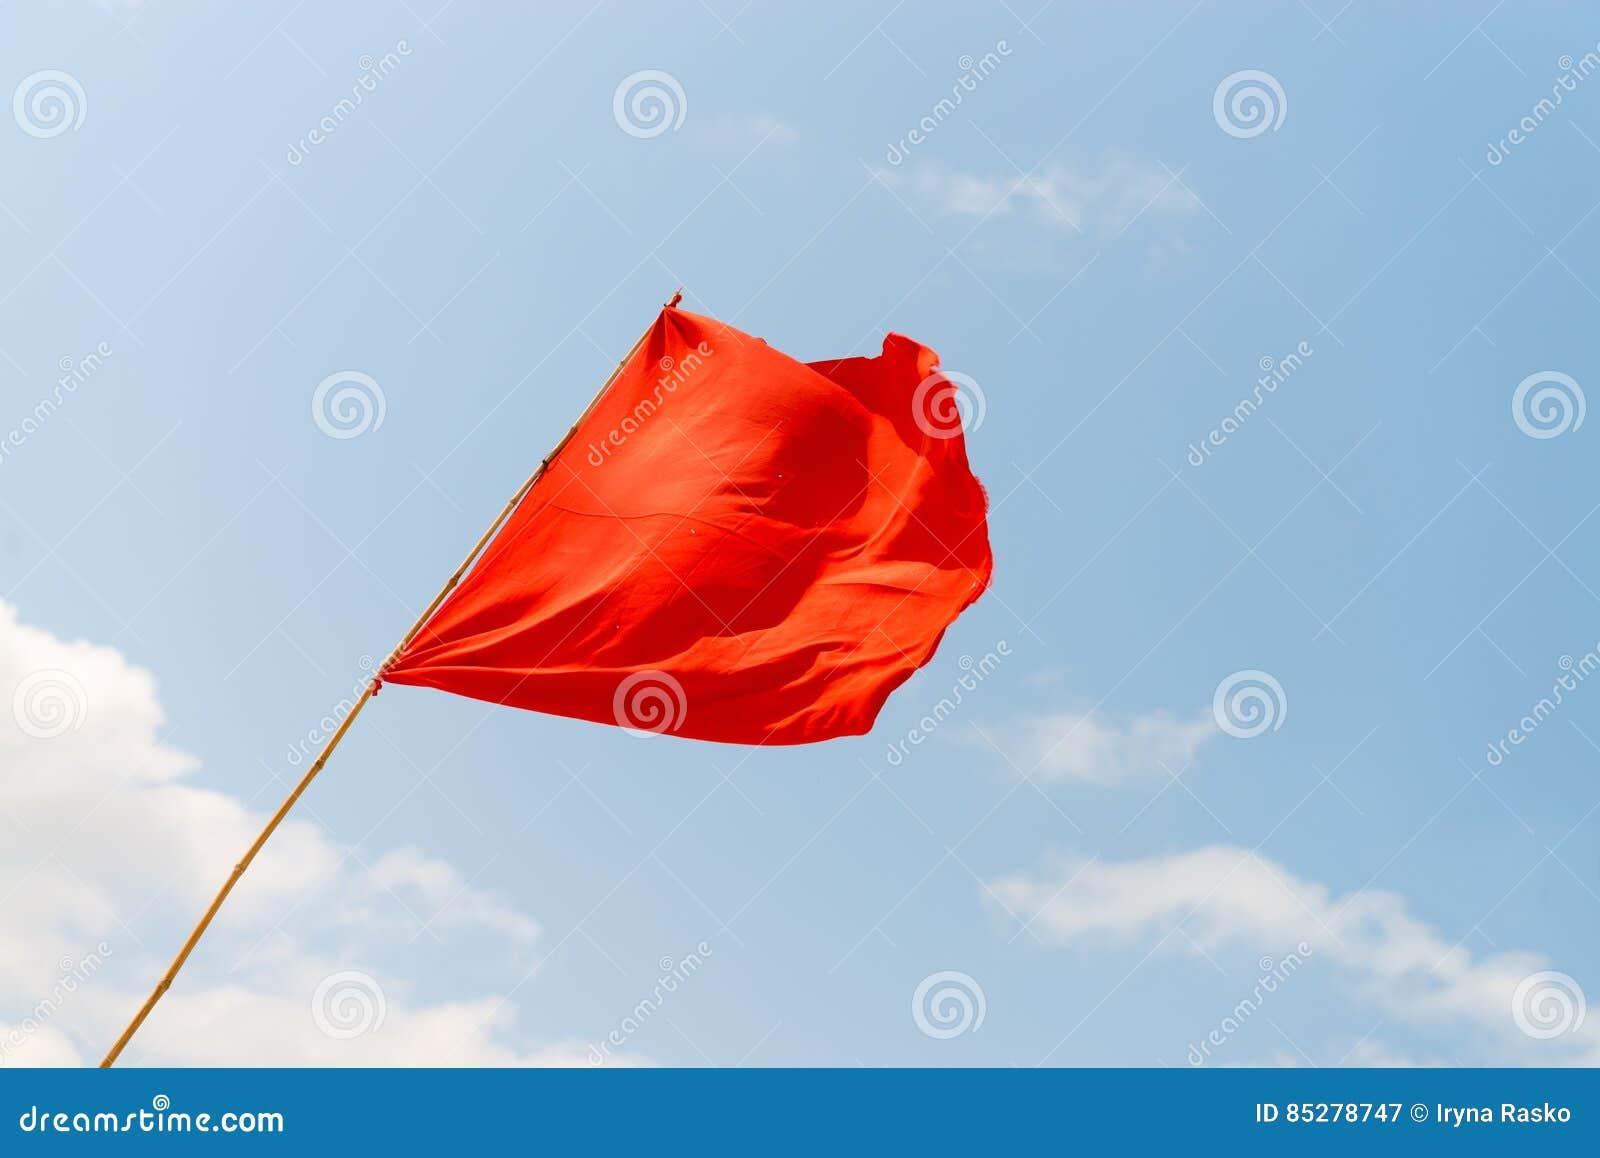 Mrówki plażowej flaga budy ratowników palmowy czerwony drzewo Ostrzegać o niebezpieczeństwach